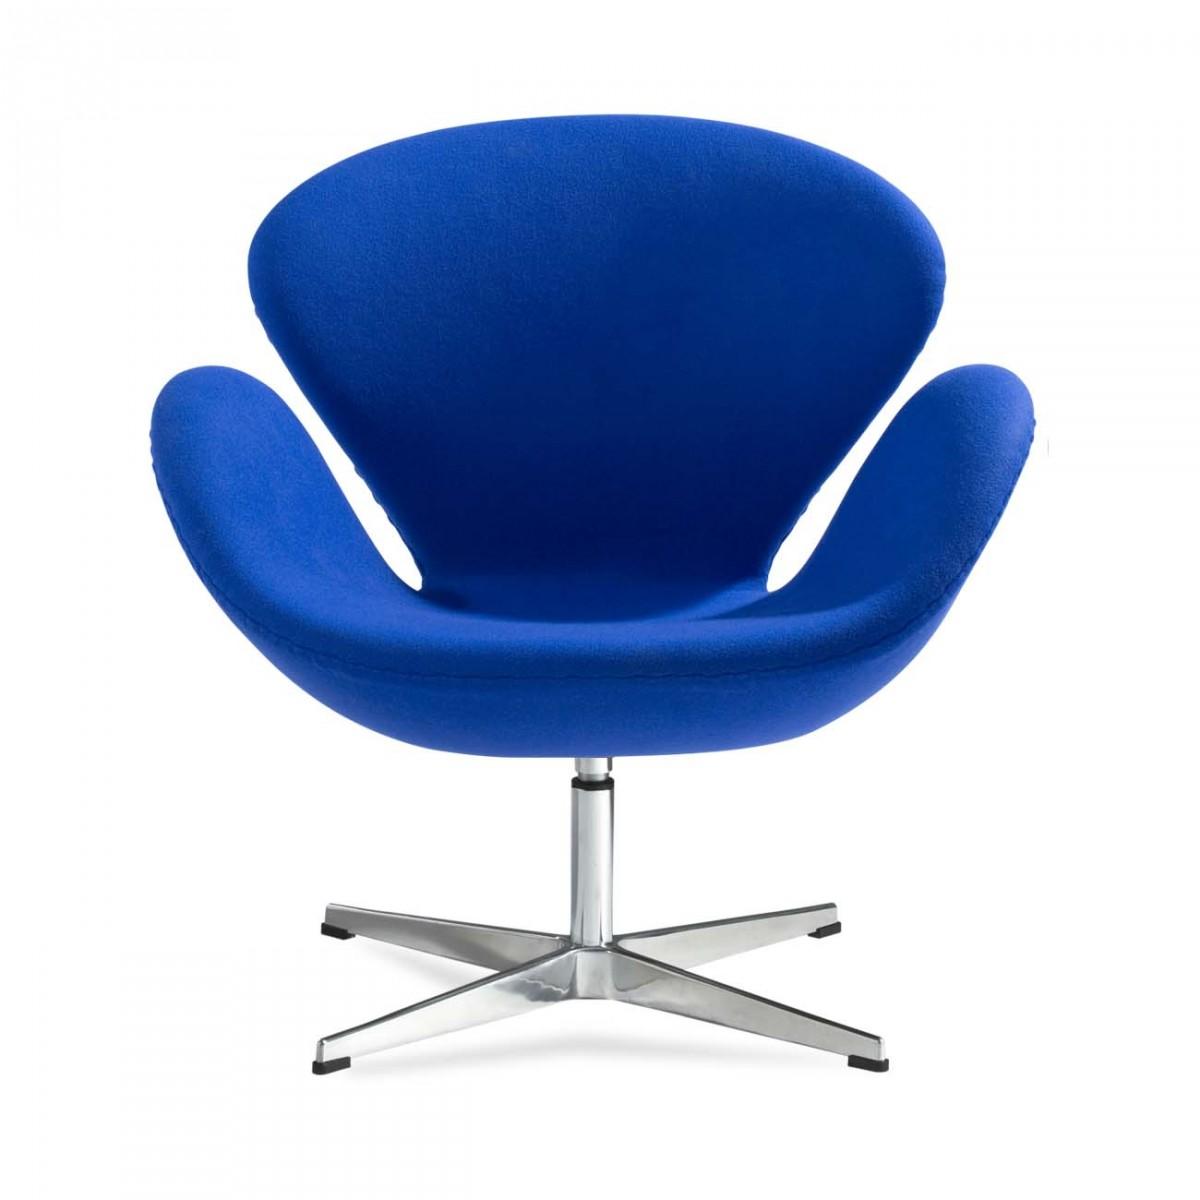 创意个性 玻璃钢天鹅椅花朵椅接待洽谈休息椅 异形时尚